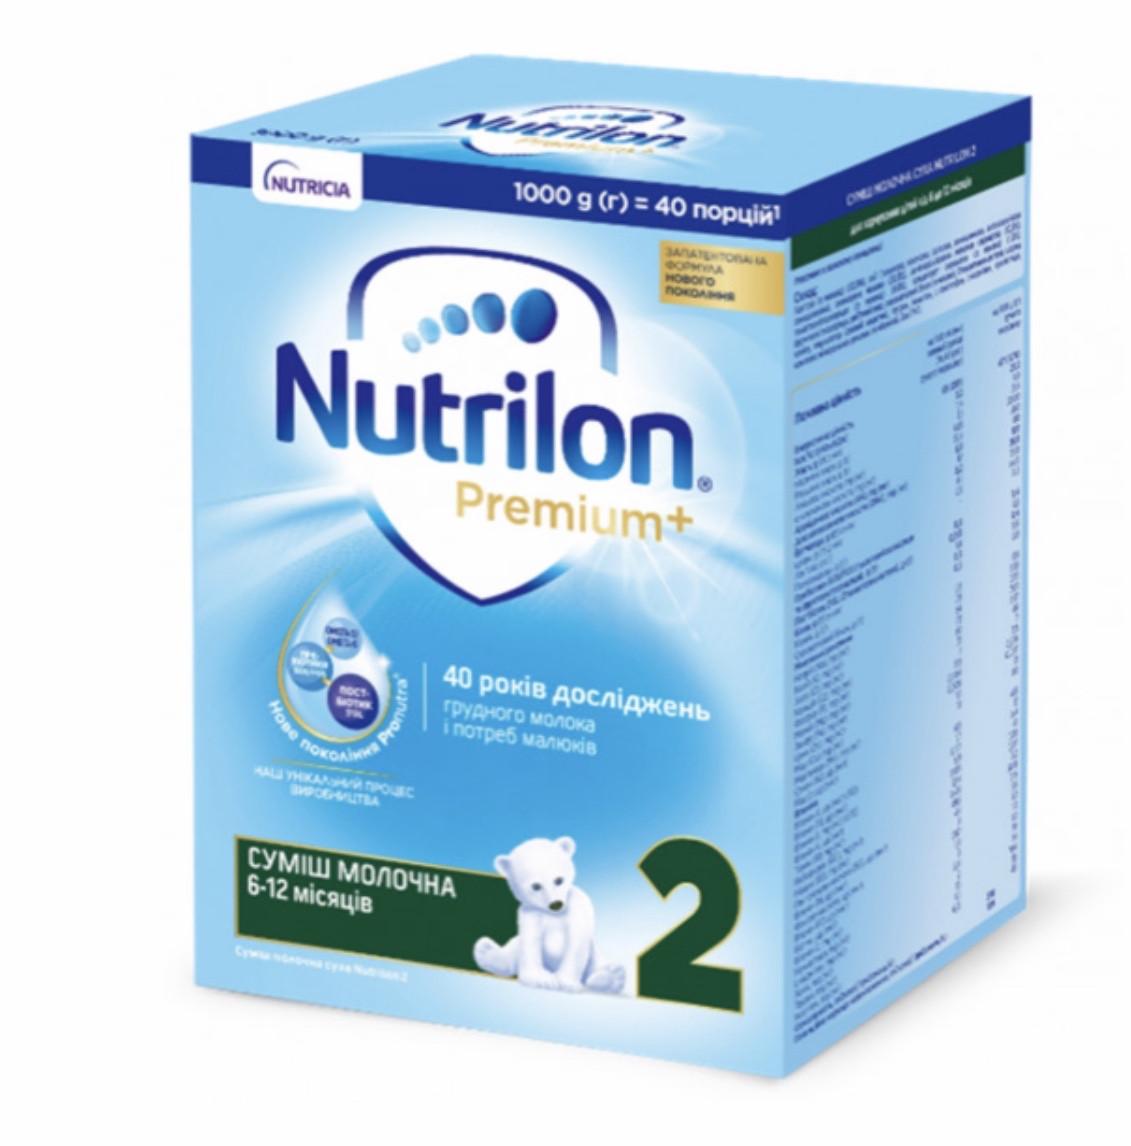 Nutrilon 2 (Нутрілон 2)  від 6 до 12 місяців 1000 гр.